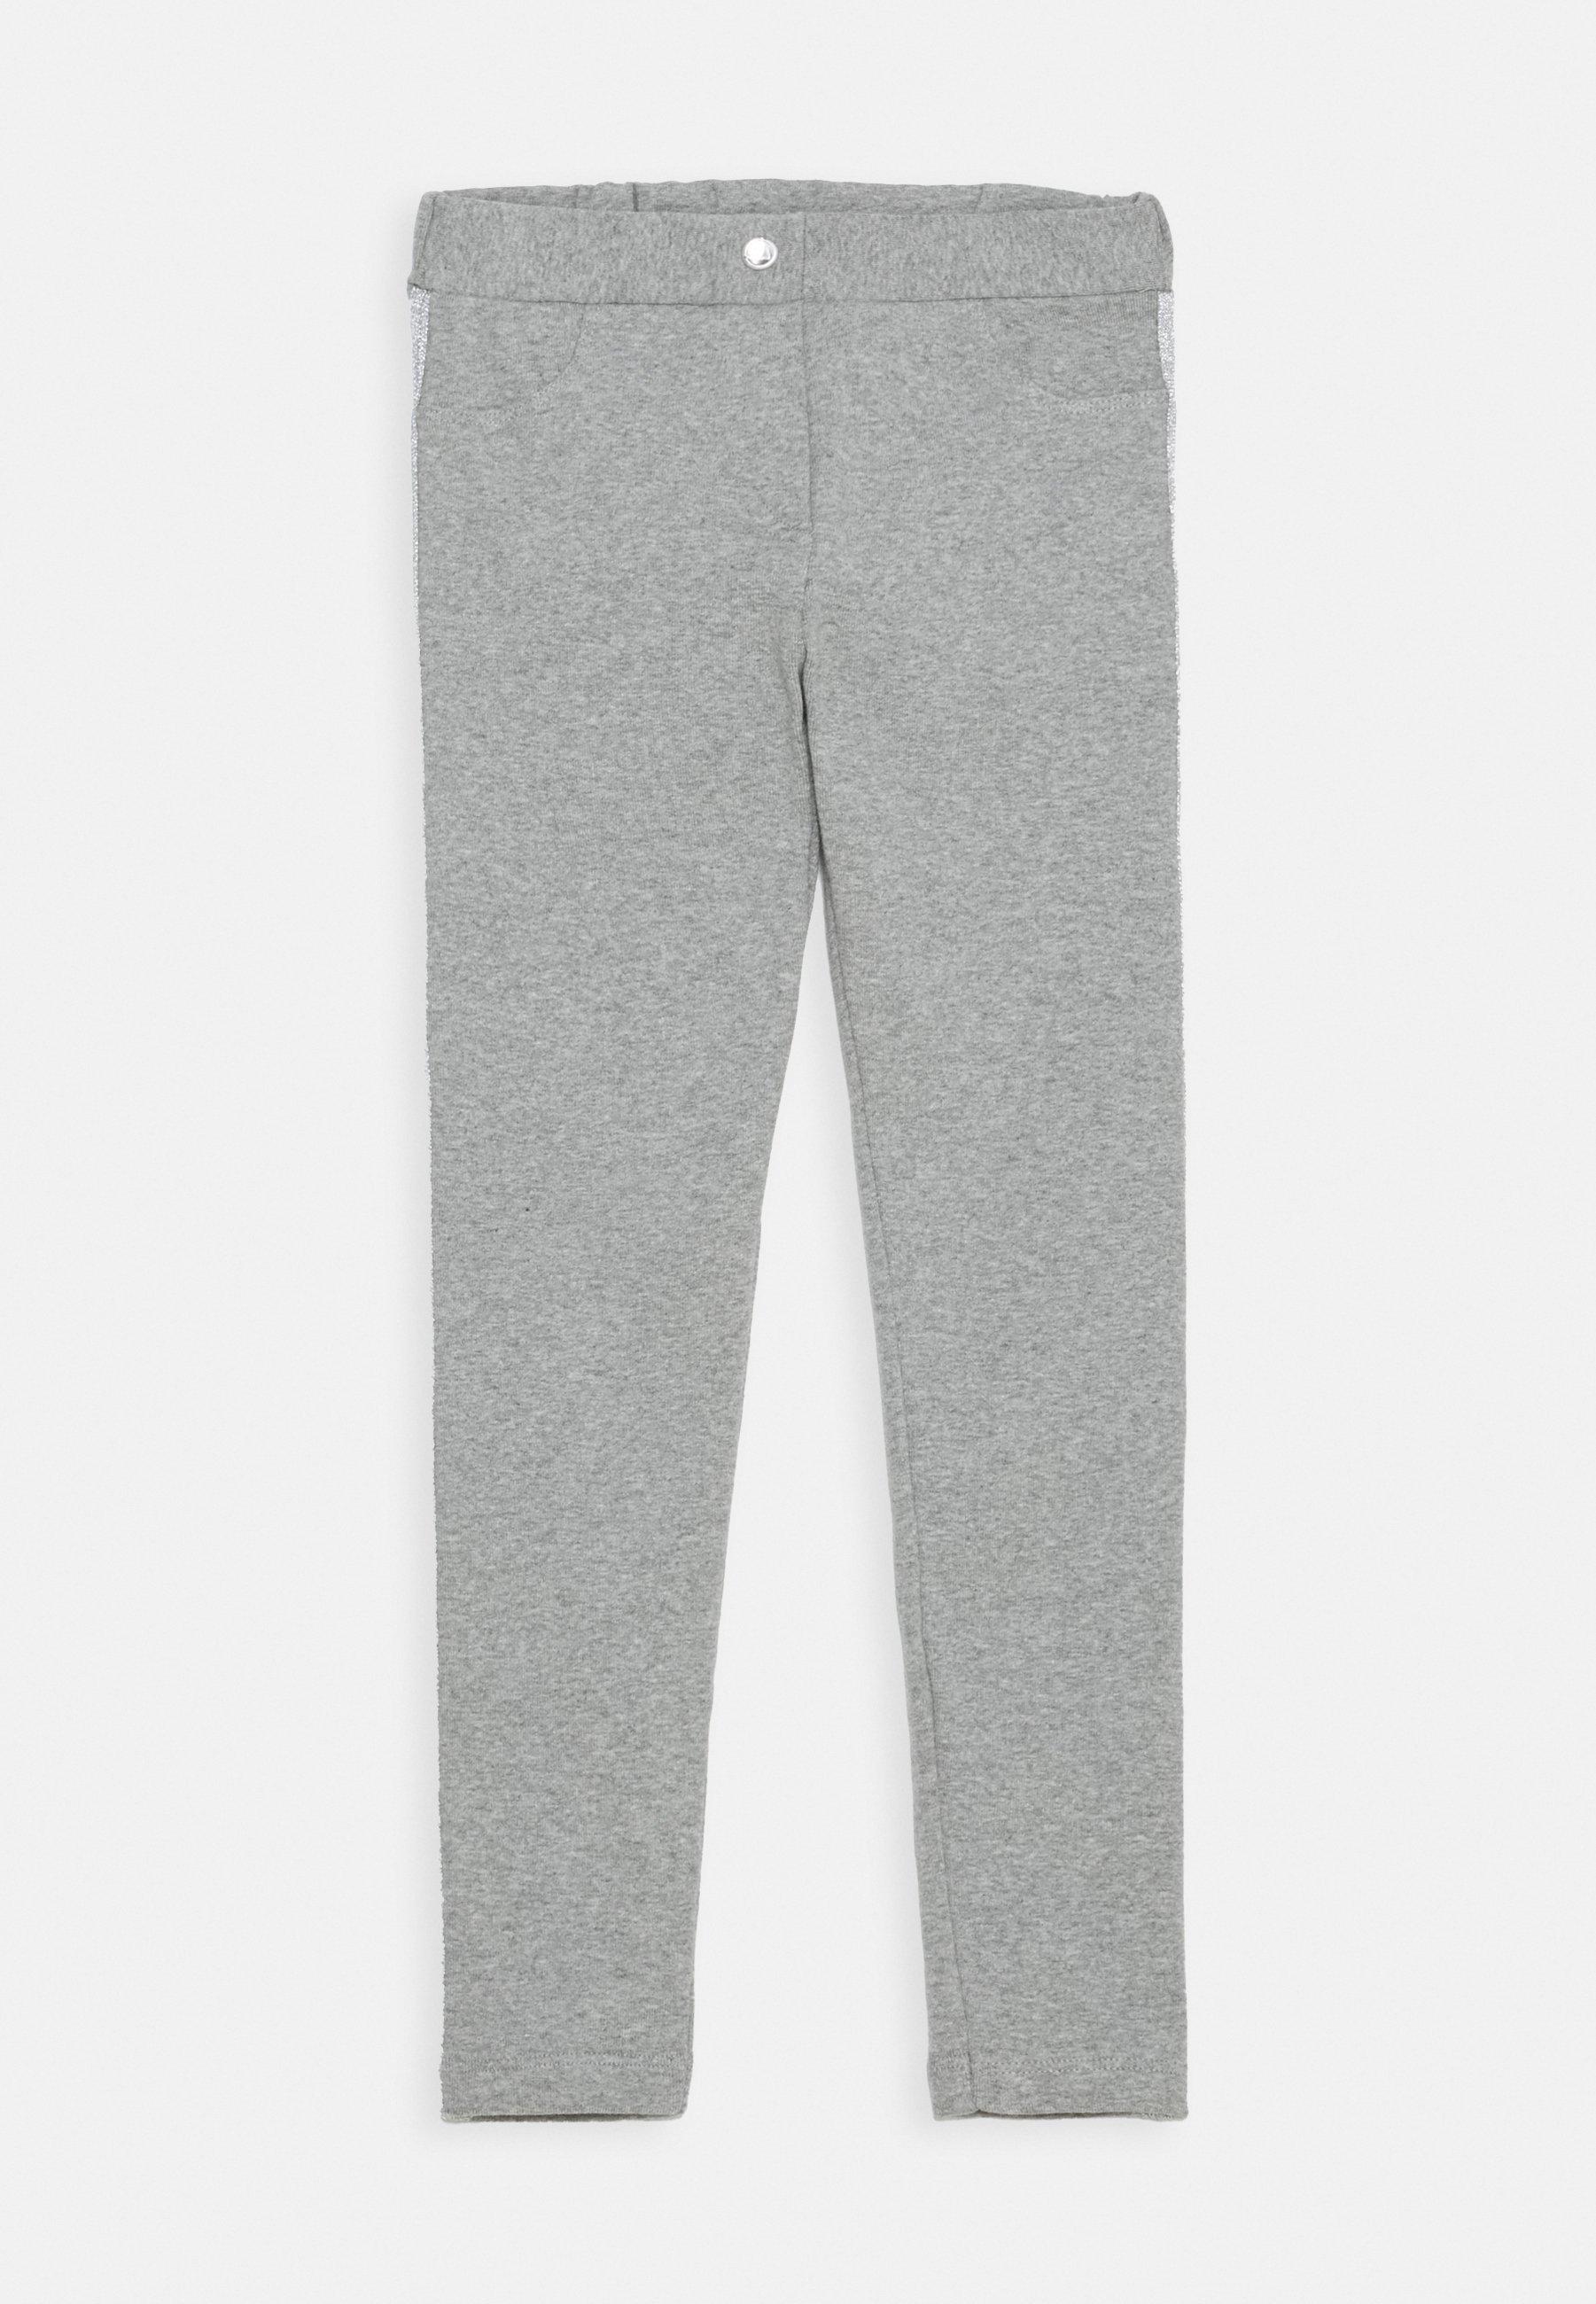 Kids LOMENA PANTALON - Leggings - Trousers